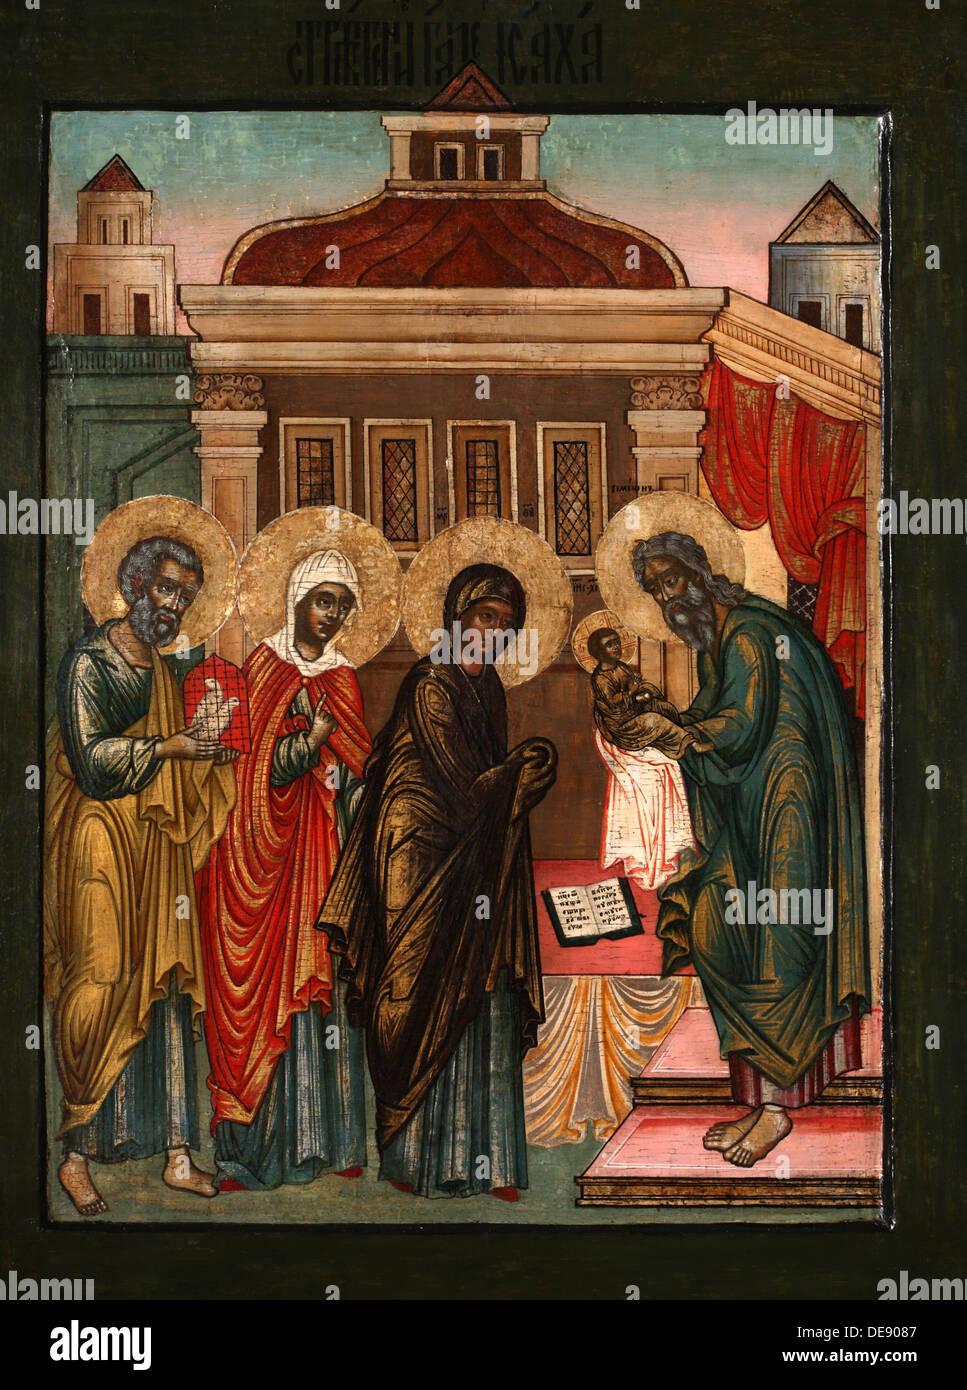 17 Jahrhundert Bild Architektur: Die Darstellung Jesu Im Tempel, 17. Jahrhundert. Künstler